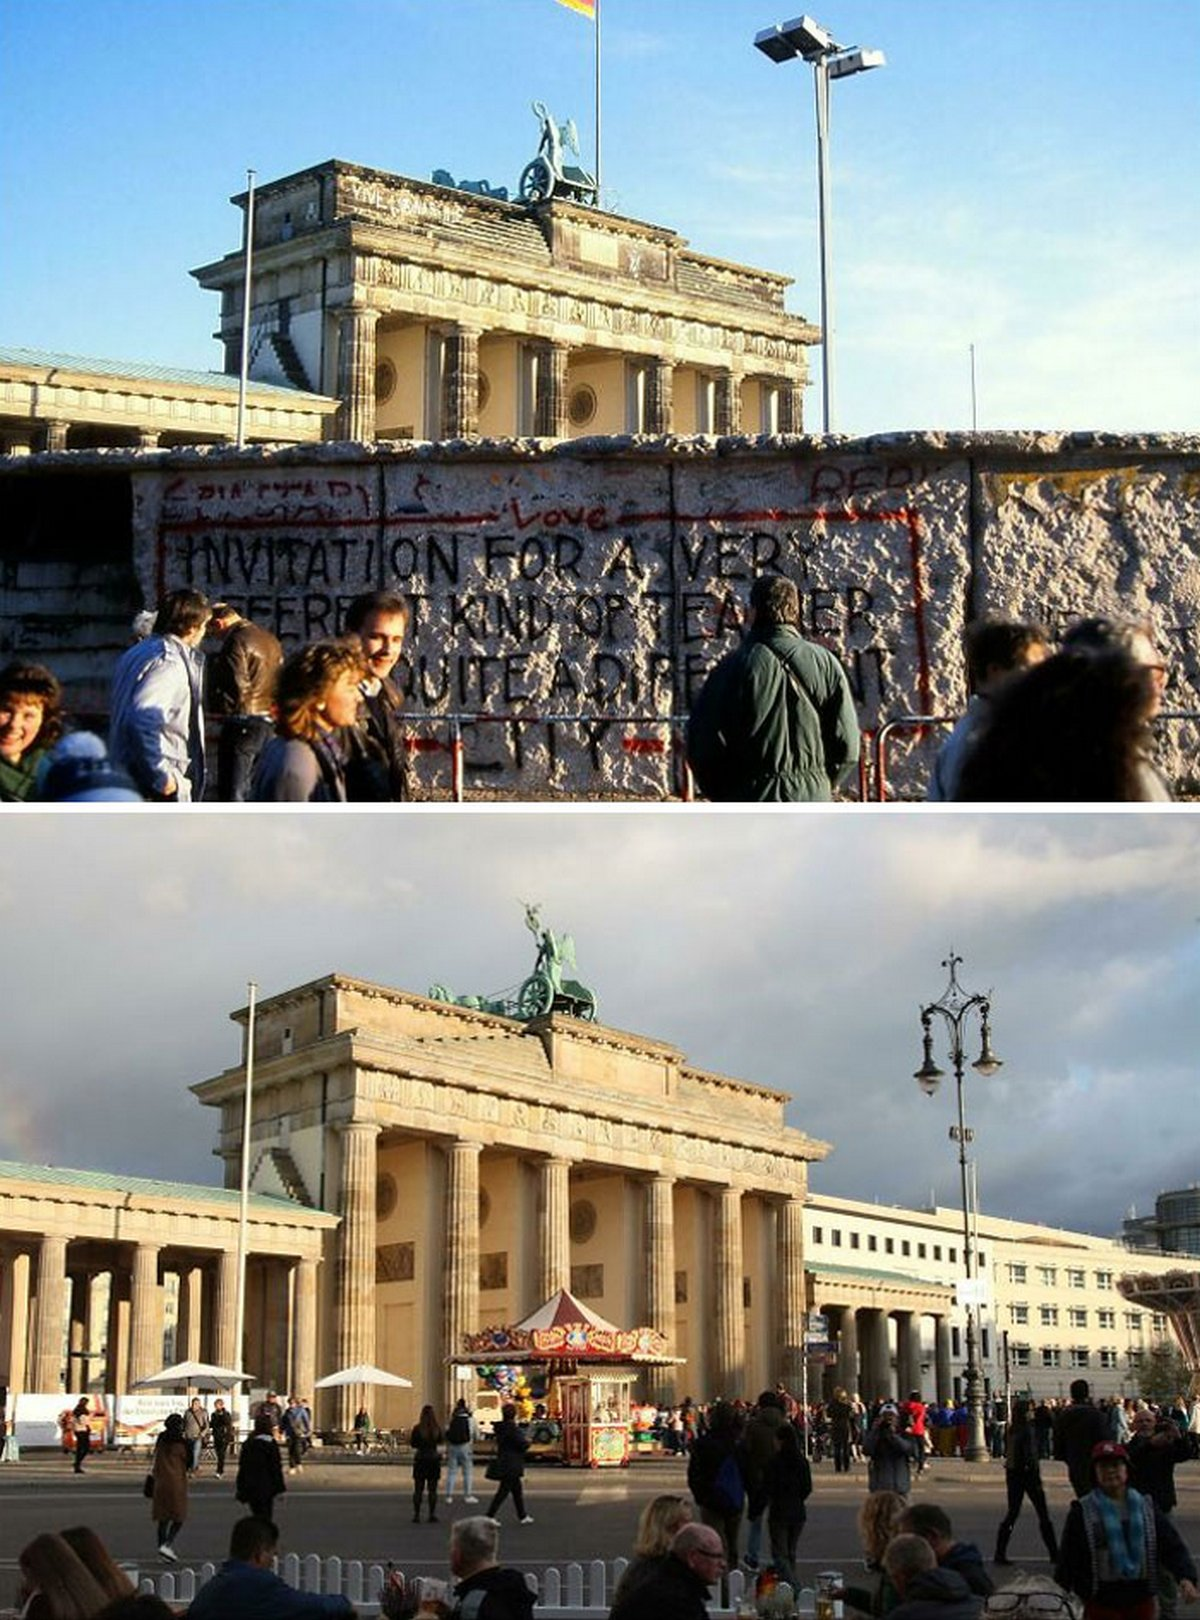 Des gens partagent des photos d'hier et d'aujourd'hui pour montrer comment le temps change les choses